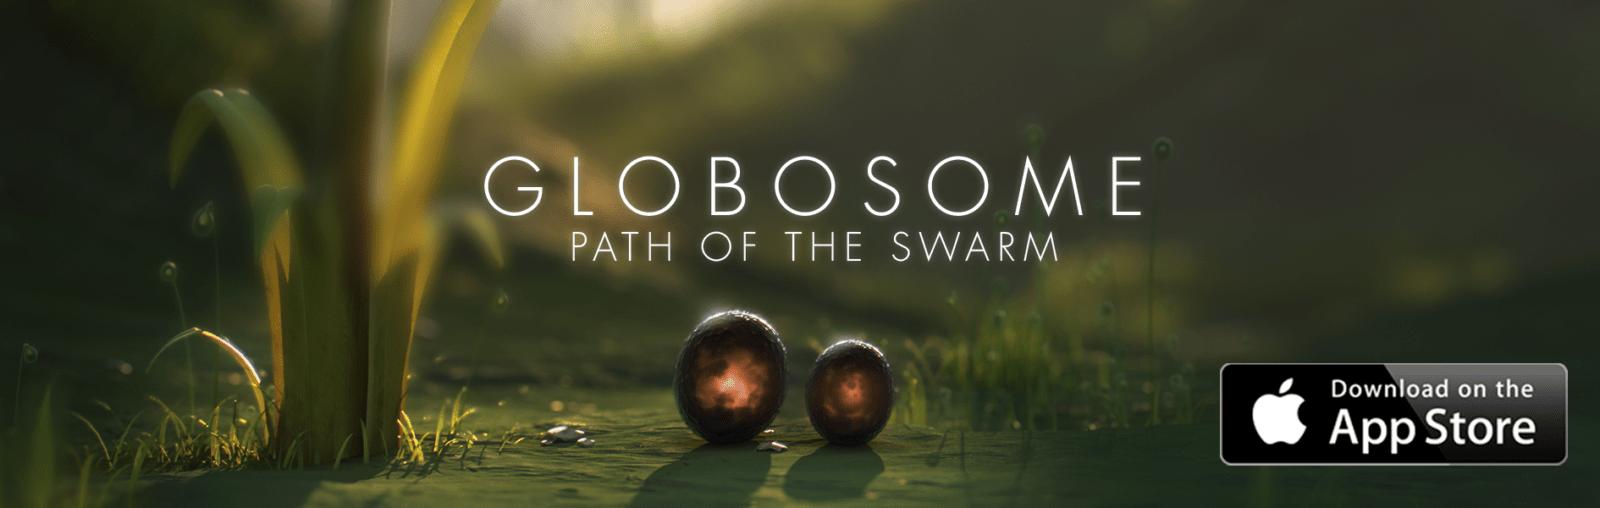 Globosome-OutNow